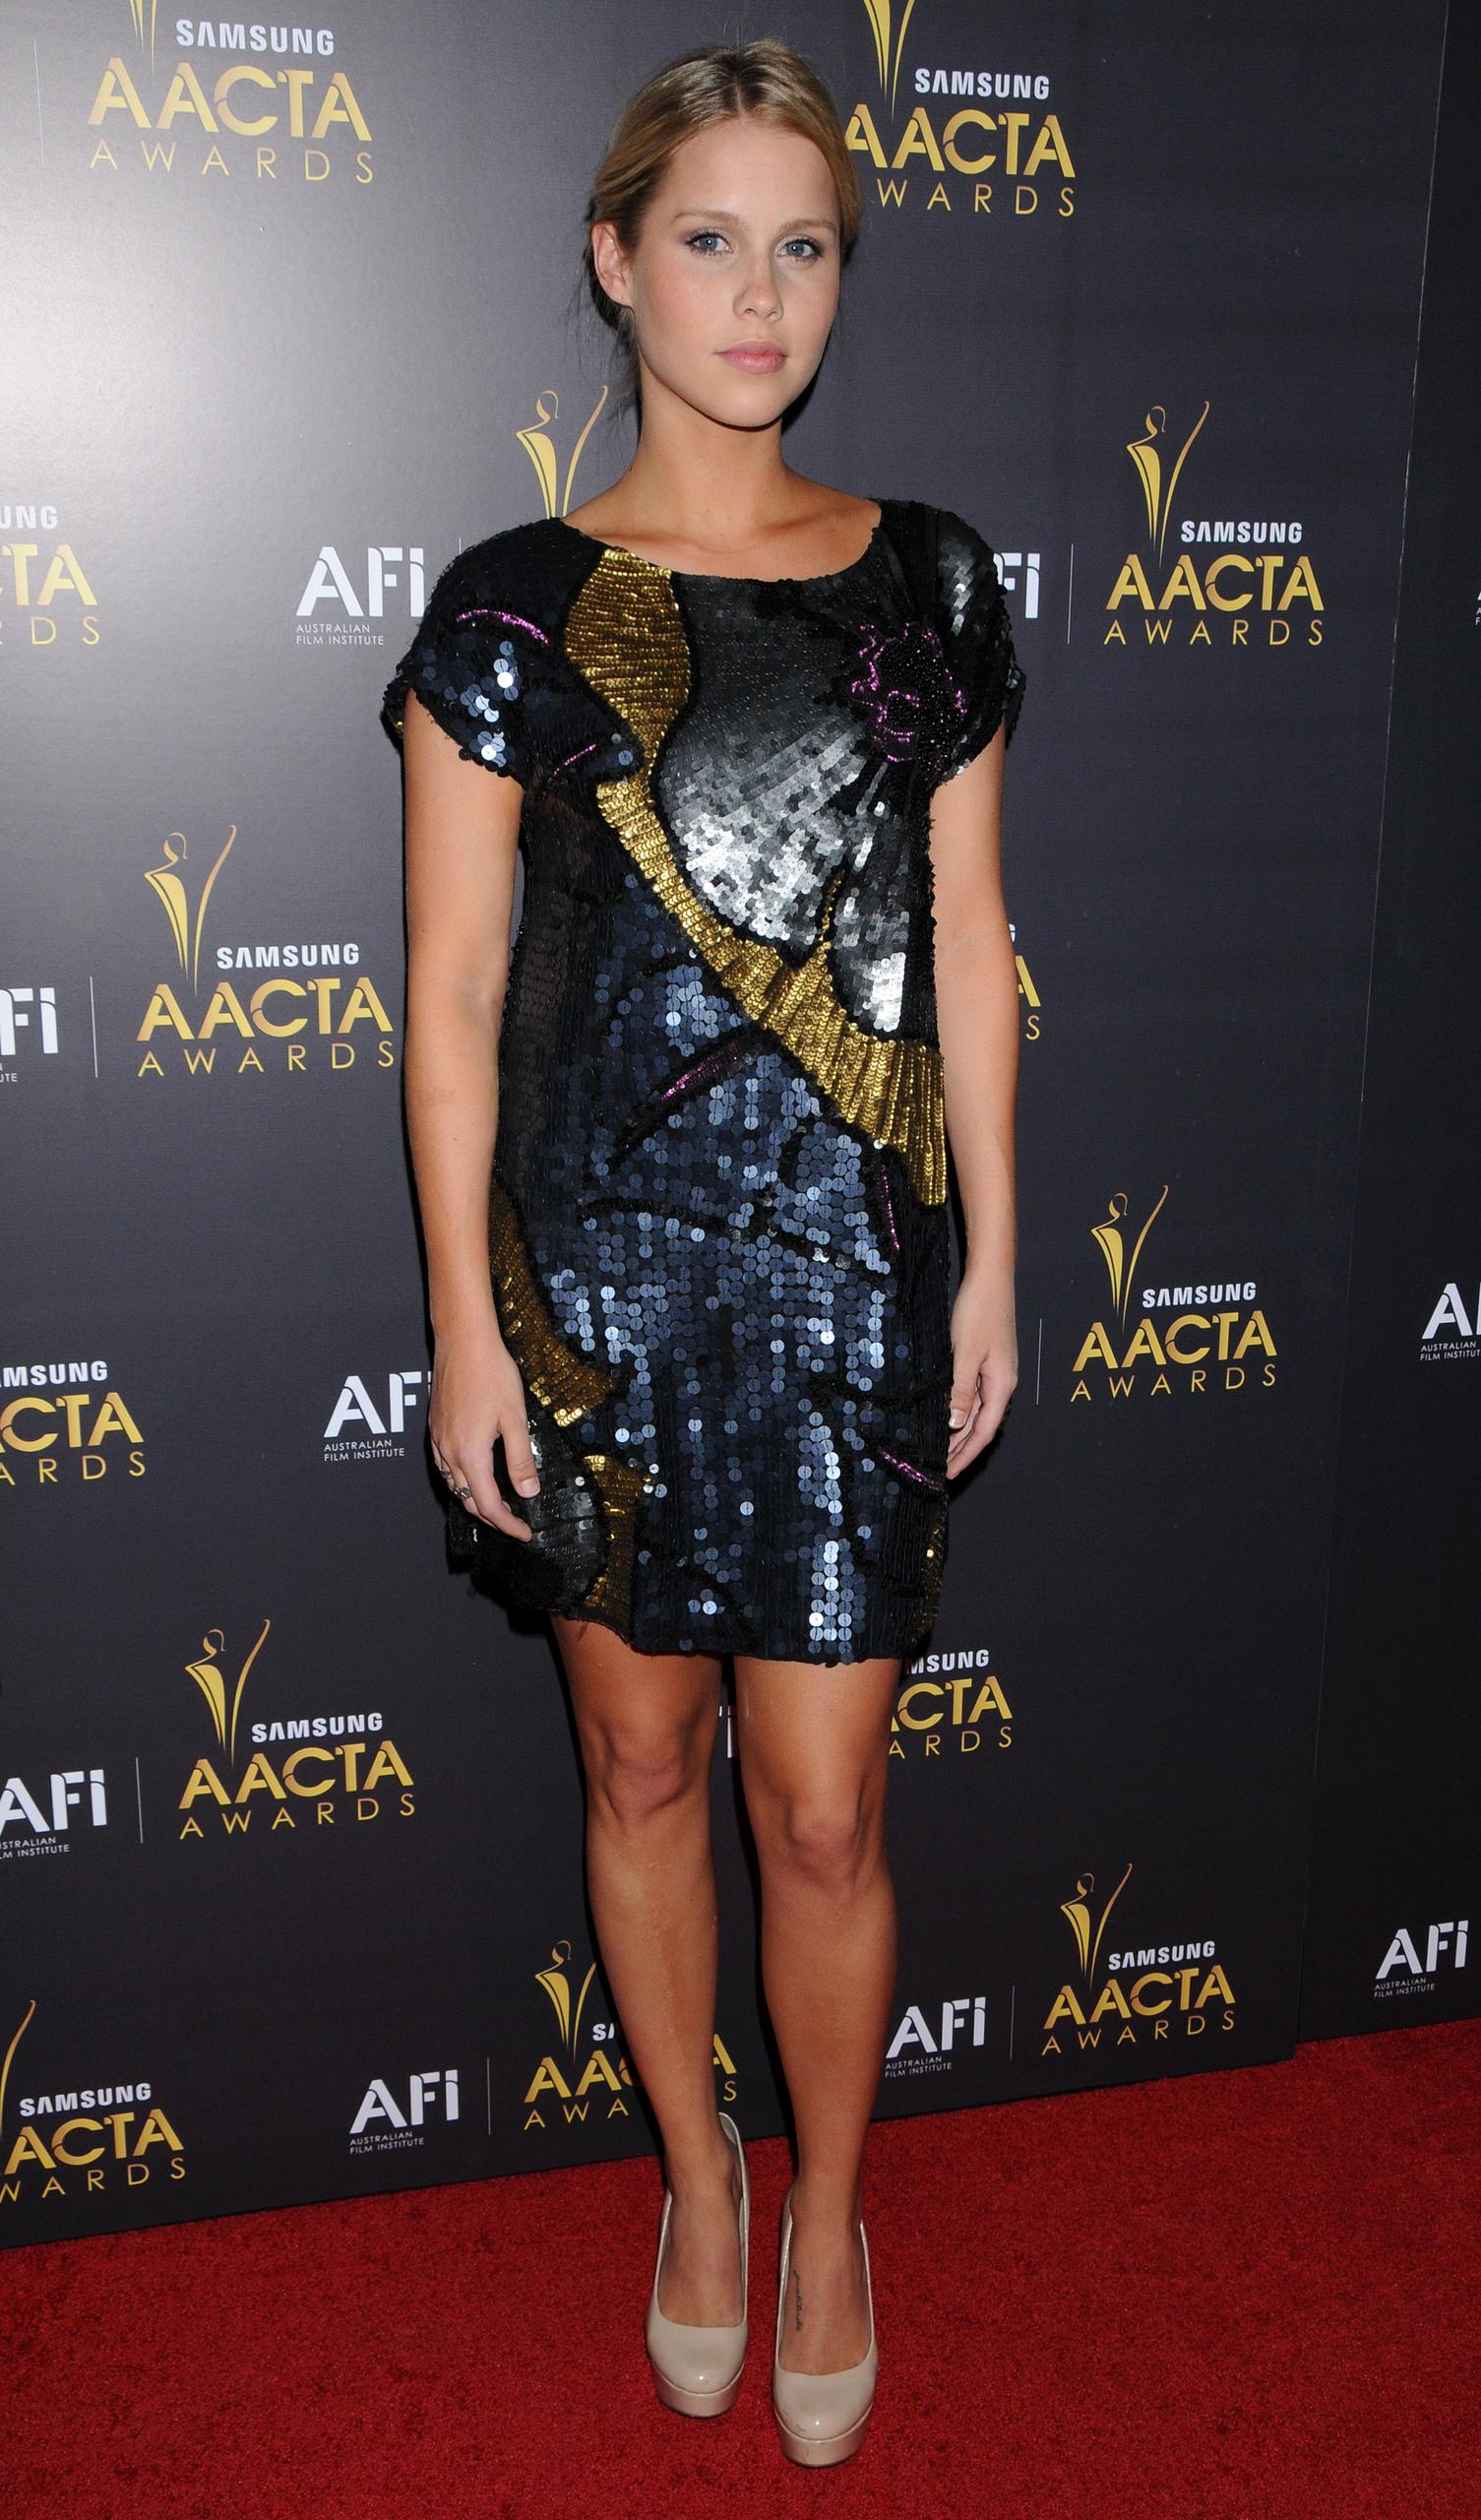 aacta awards 2012